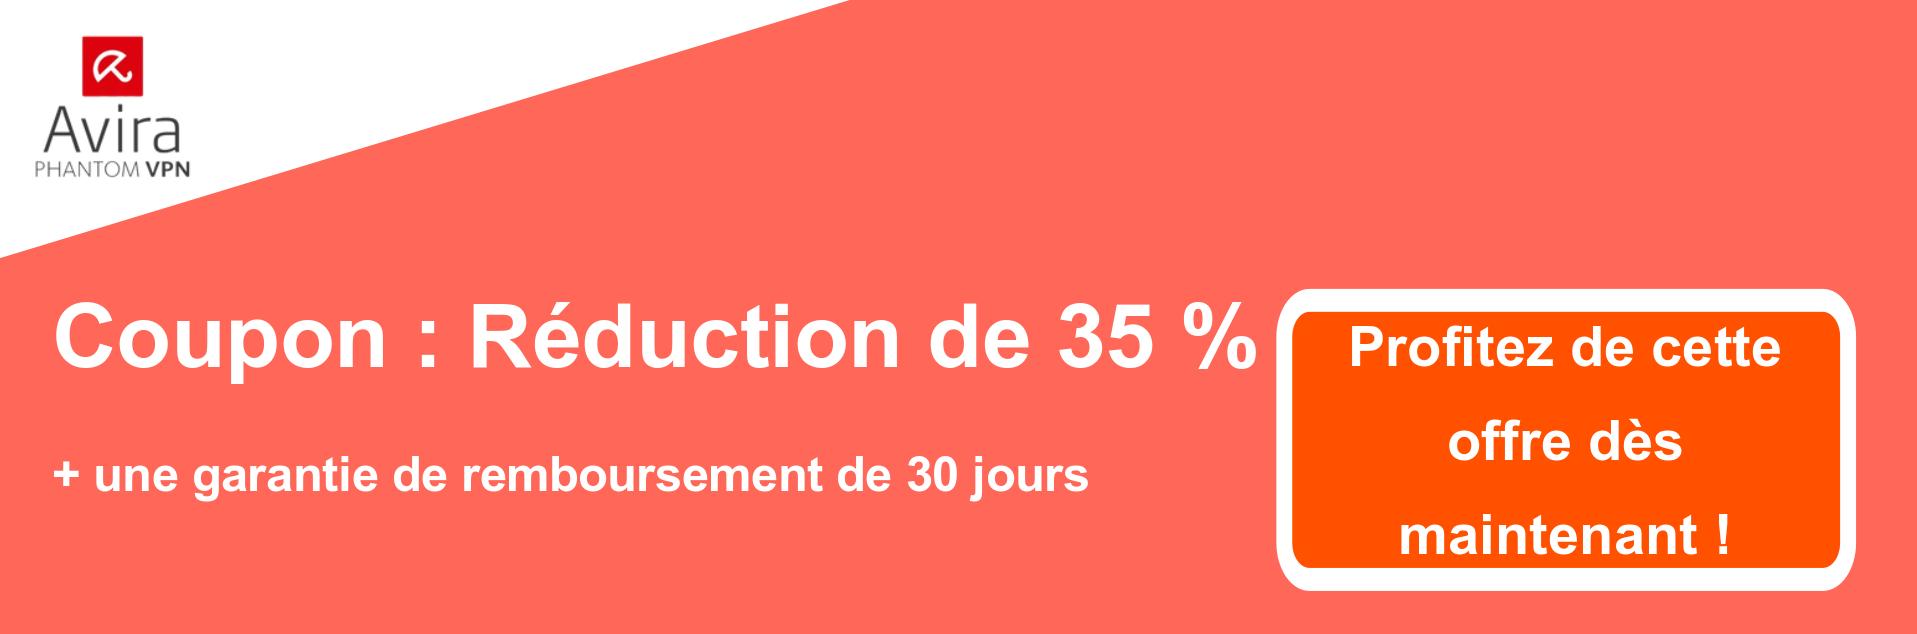 AviraVPN coupon banner - 35% de réduction